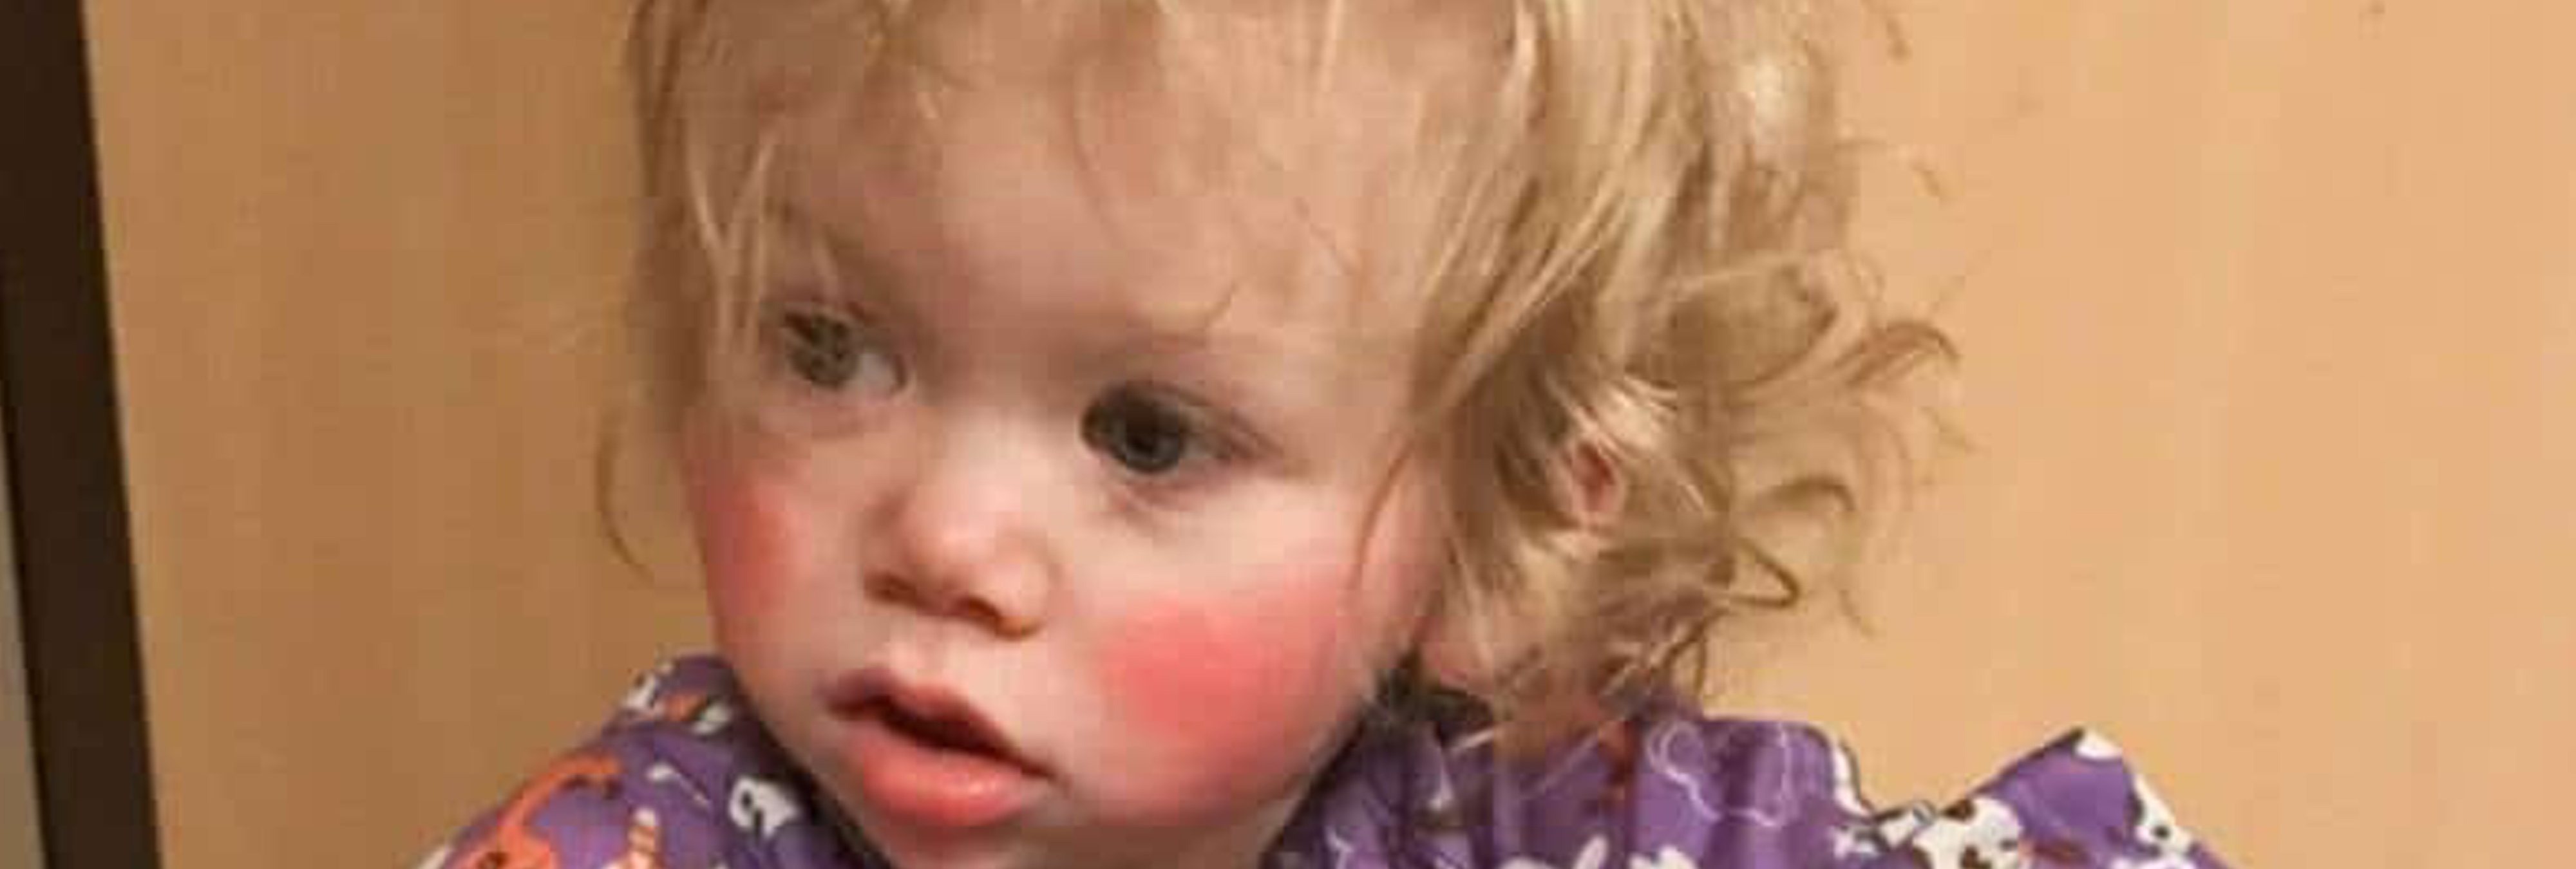 La niña que sufre alergia a sus propias lágrimas: le provocan quemaduras de tercer grado